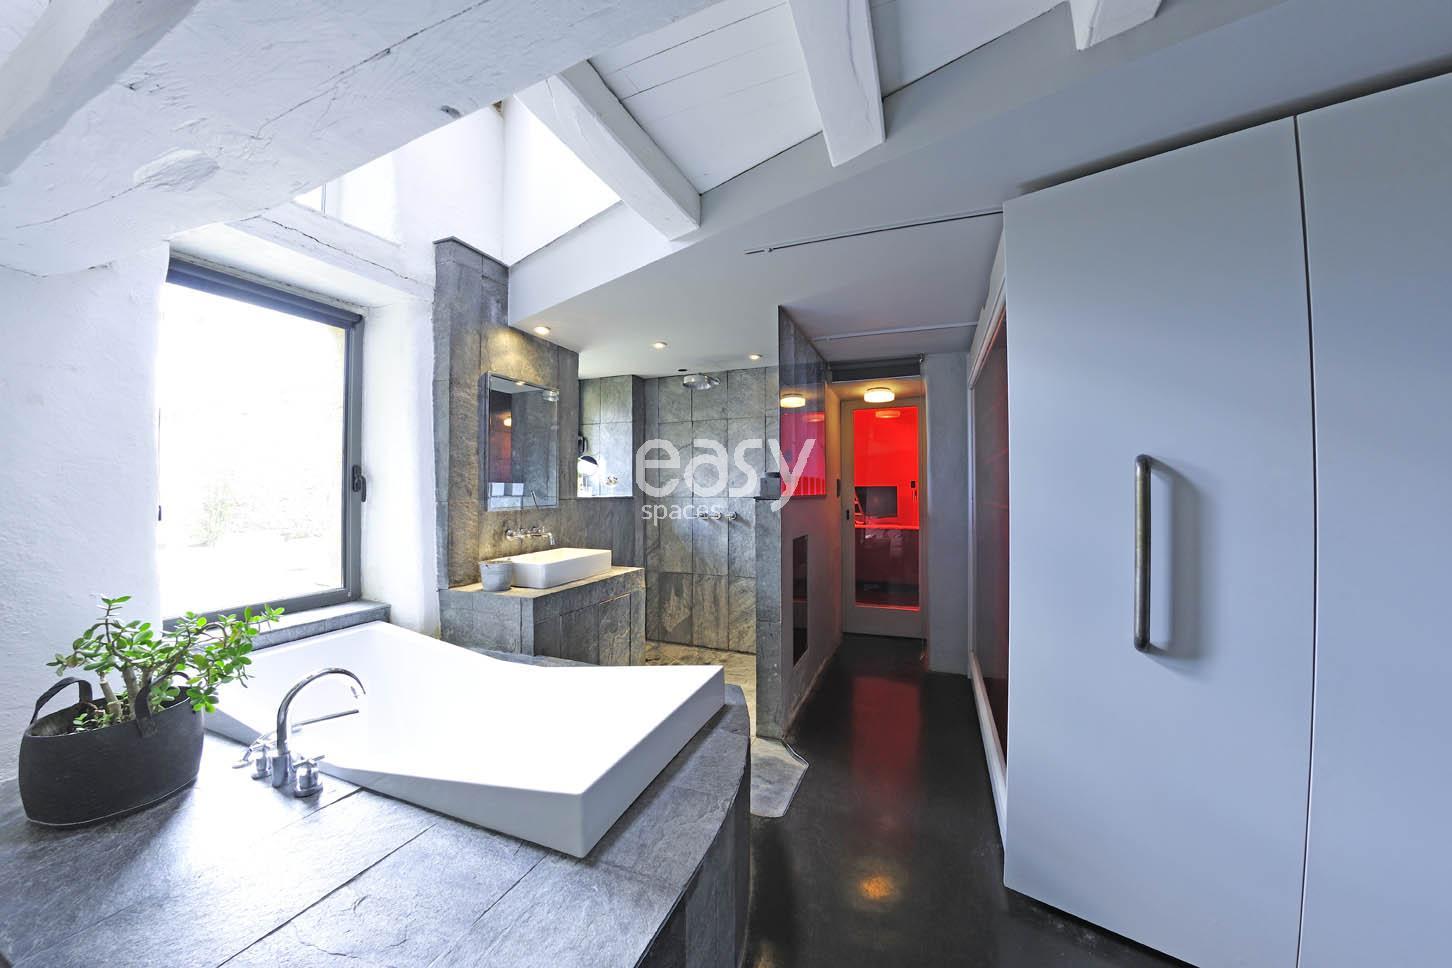 site pour louer sa maison cool garantie civile villgiature comment a marche with comment louer. Black Bedroom Furniture Sets. Home Design Ideas